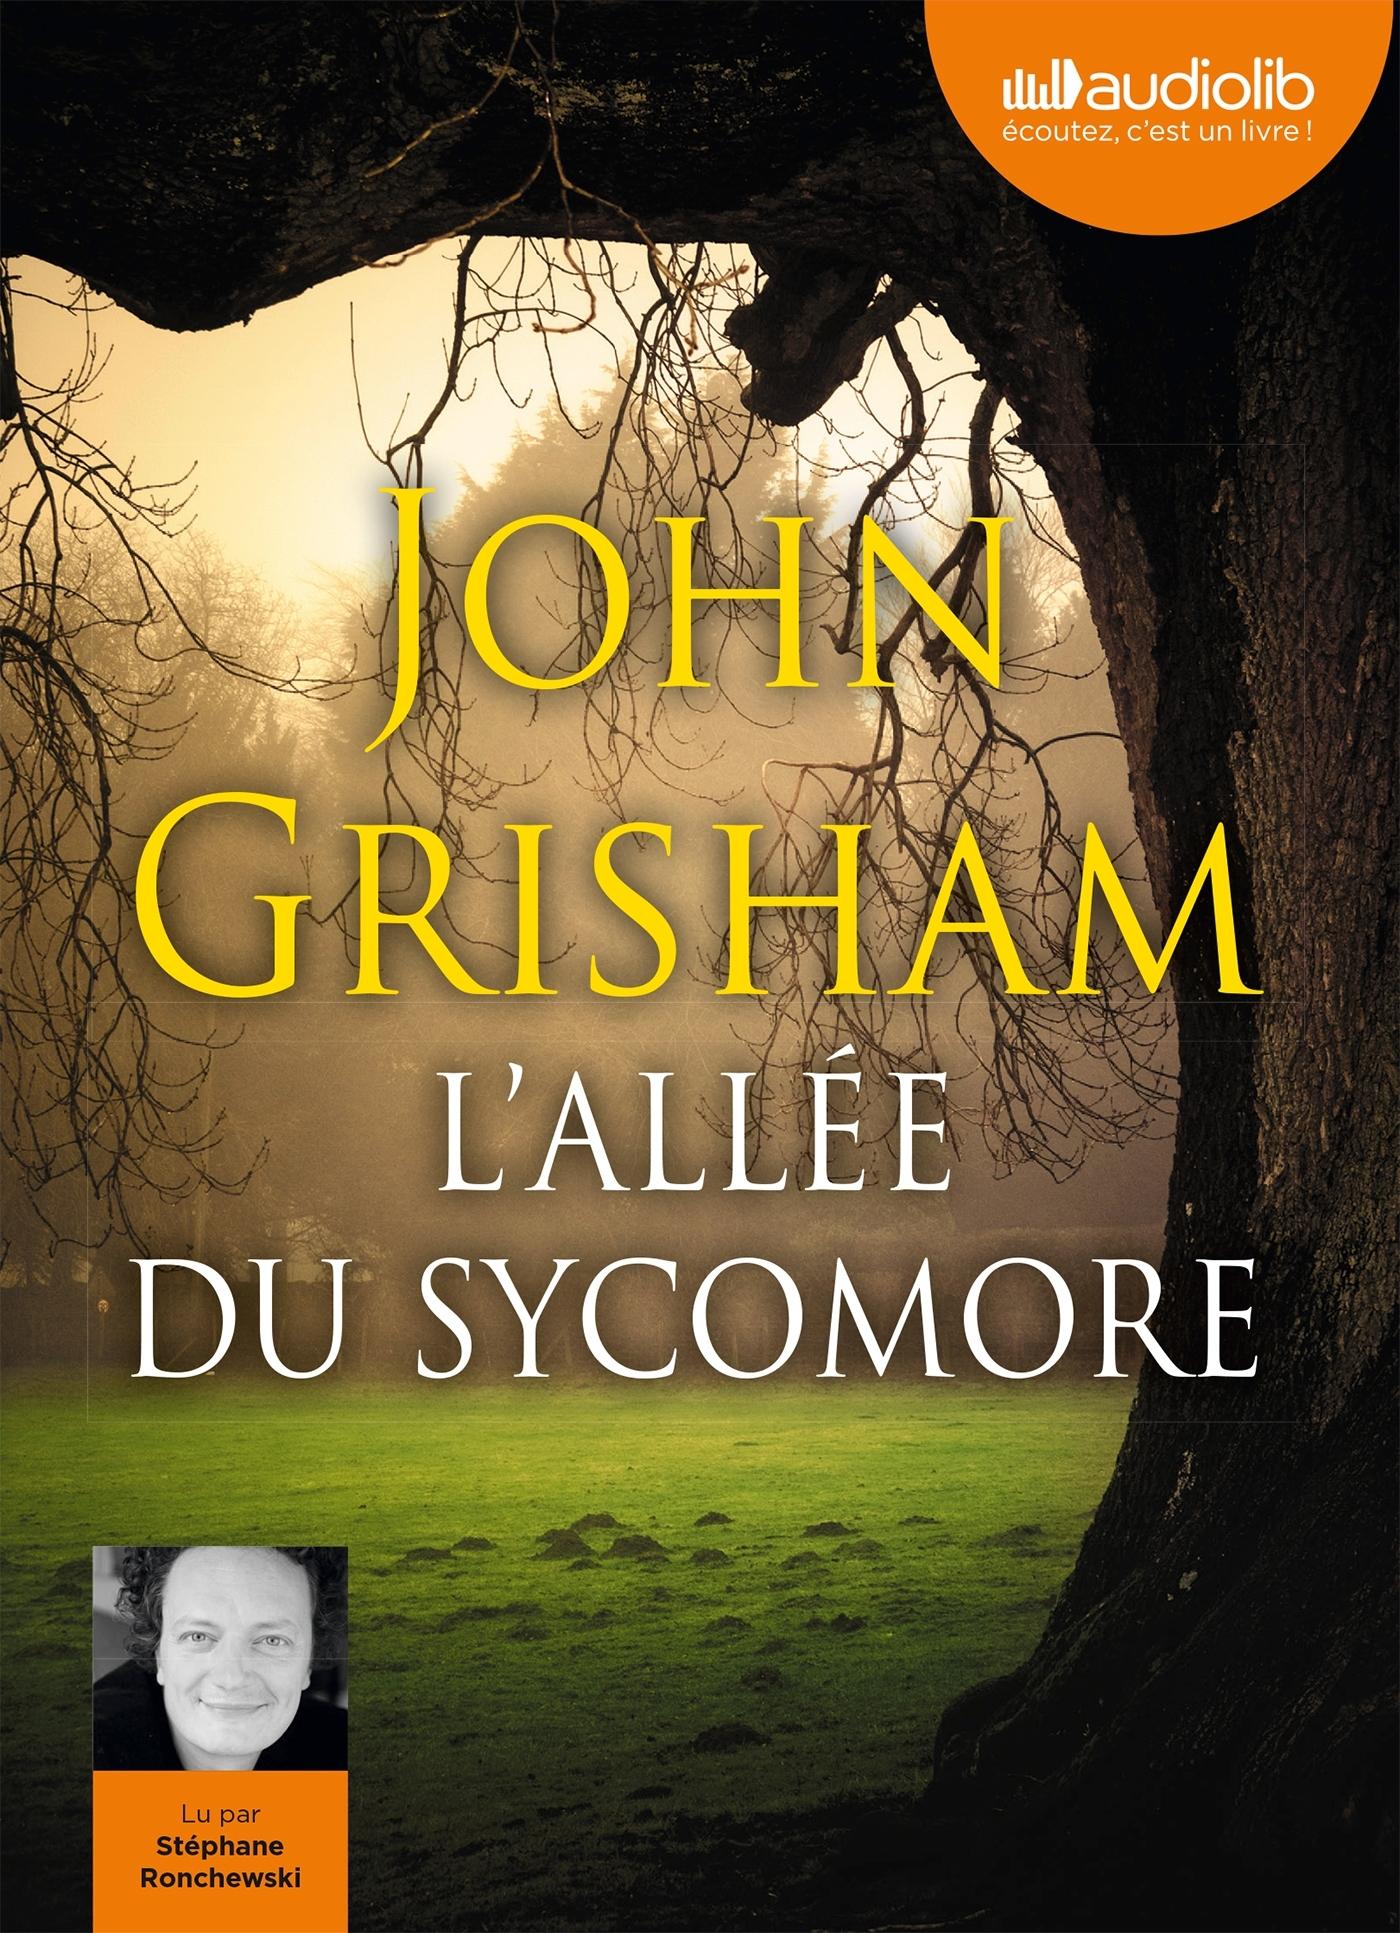 L'ALLEE DU SYCOMORE - LIVRE AUDIO - 2 CD MP3